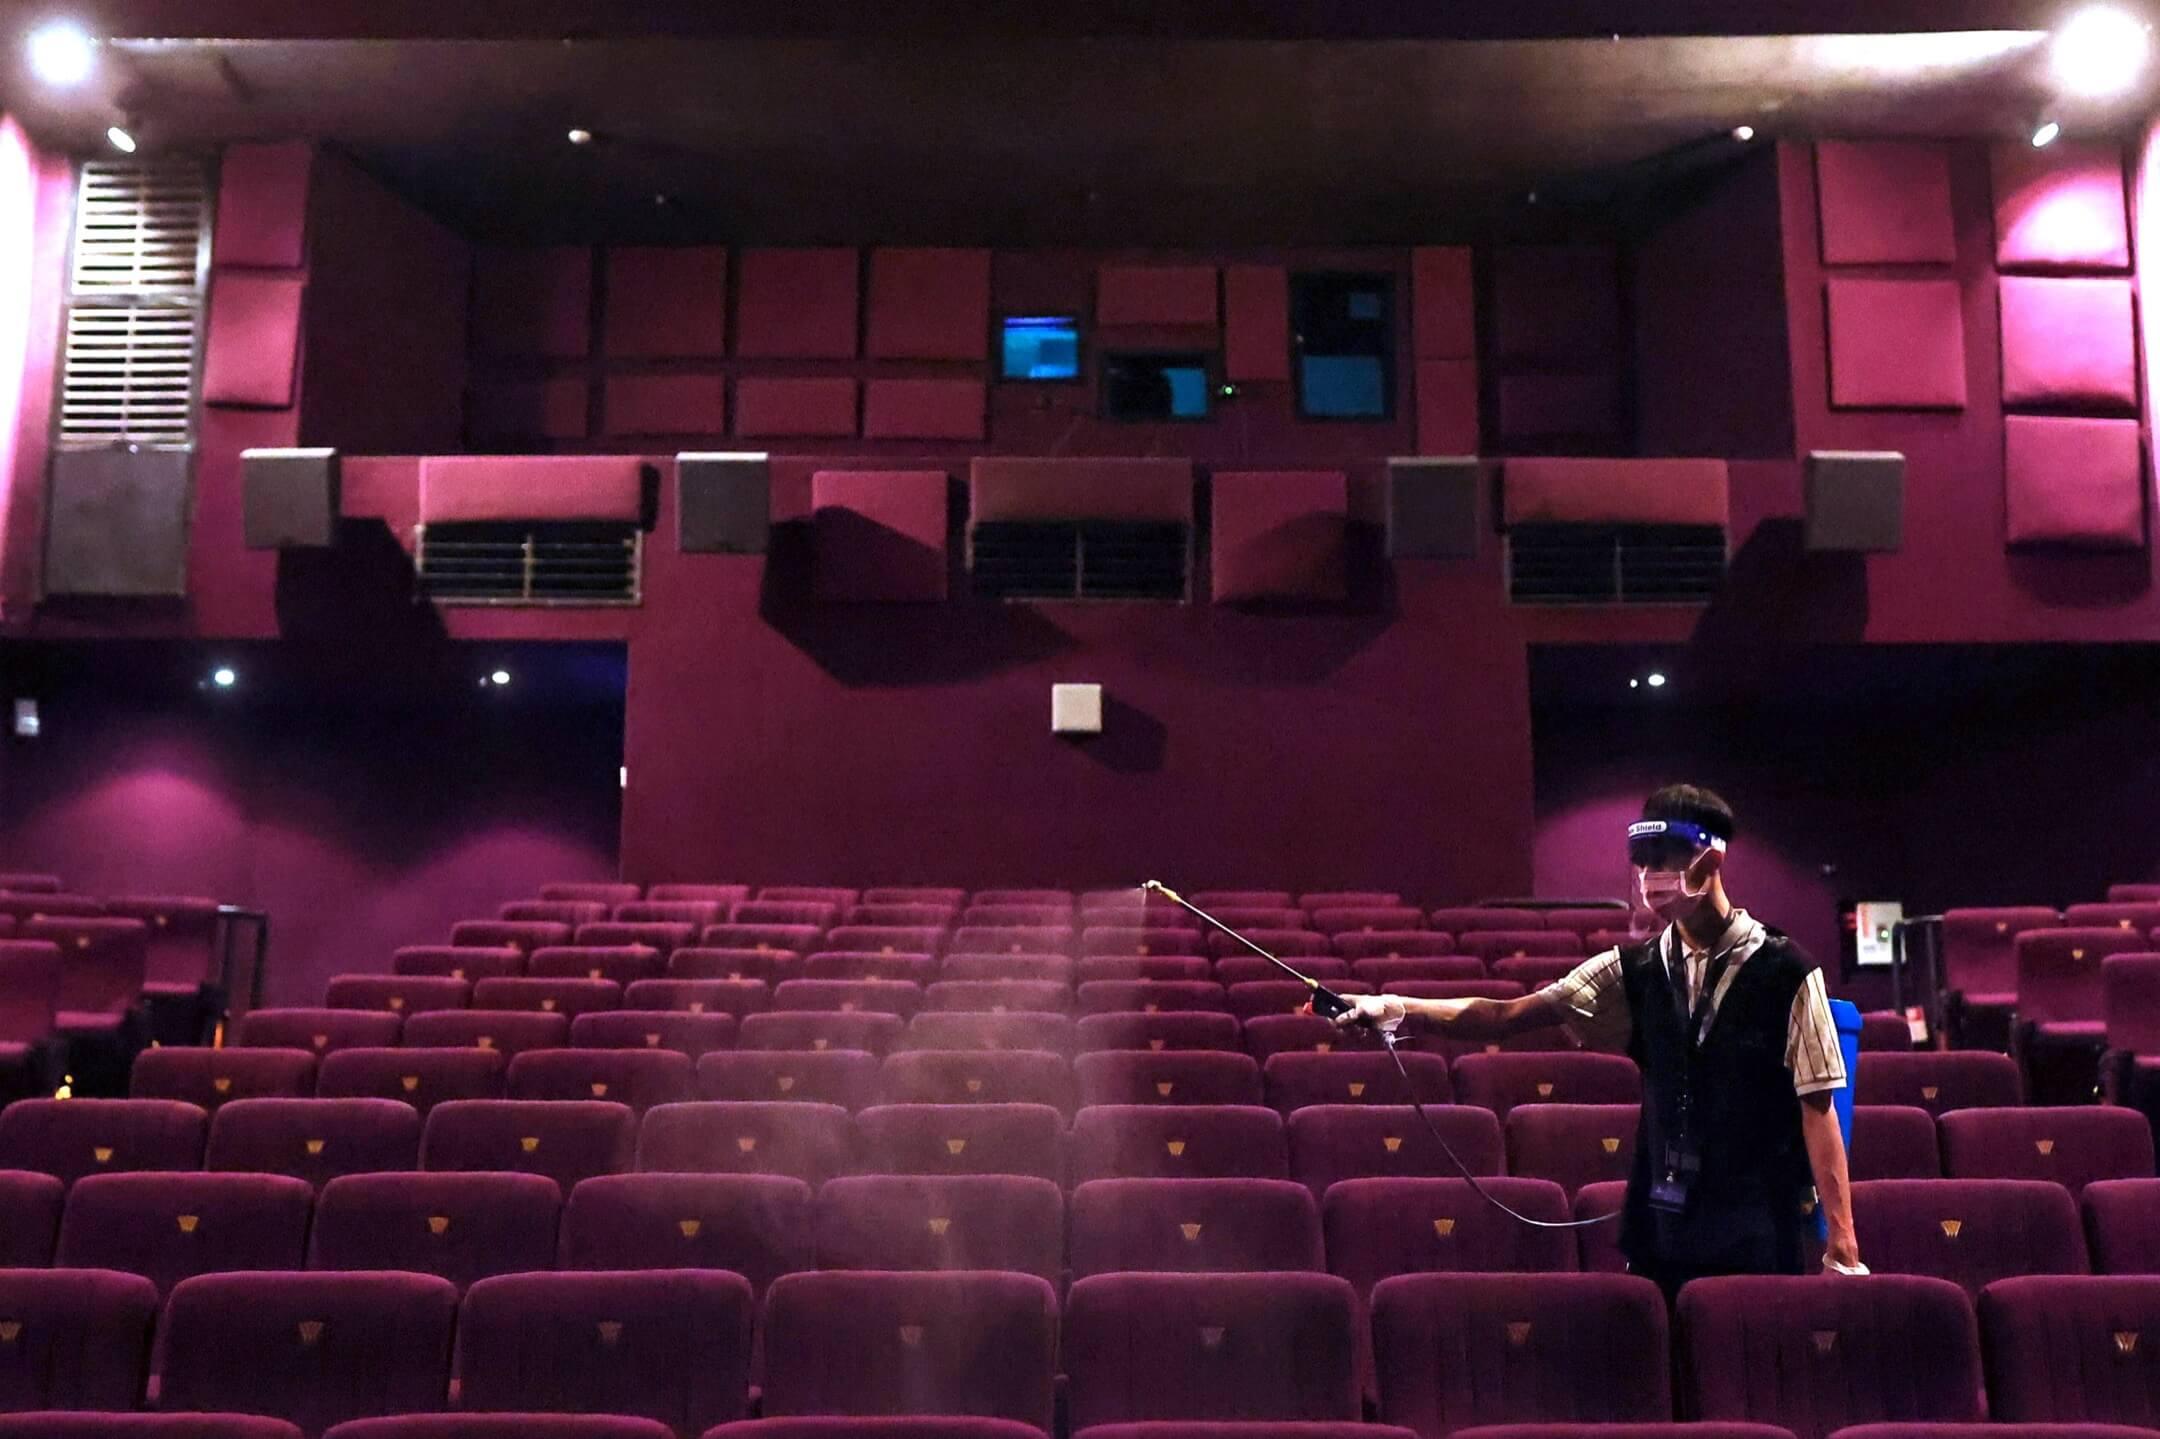 2021年7月13日,台北市一家戲院的工作人員為院內的椅子進行消毒。台灣中央流行疫情指揮中心日前宣布放寬防疫措施,其中包括重開戲院。 攝:Ann Wang/Reuters/達志影像